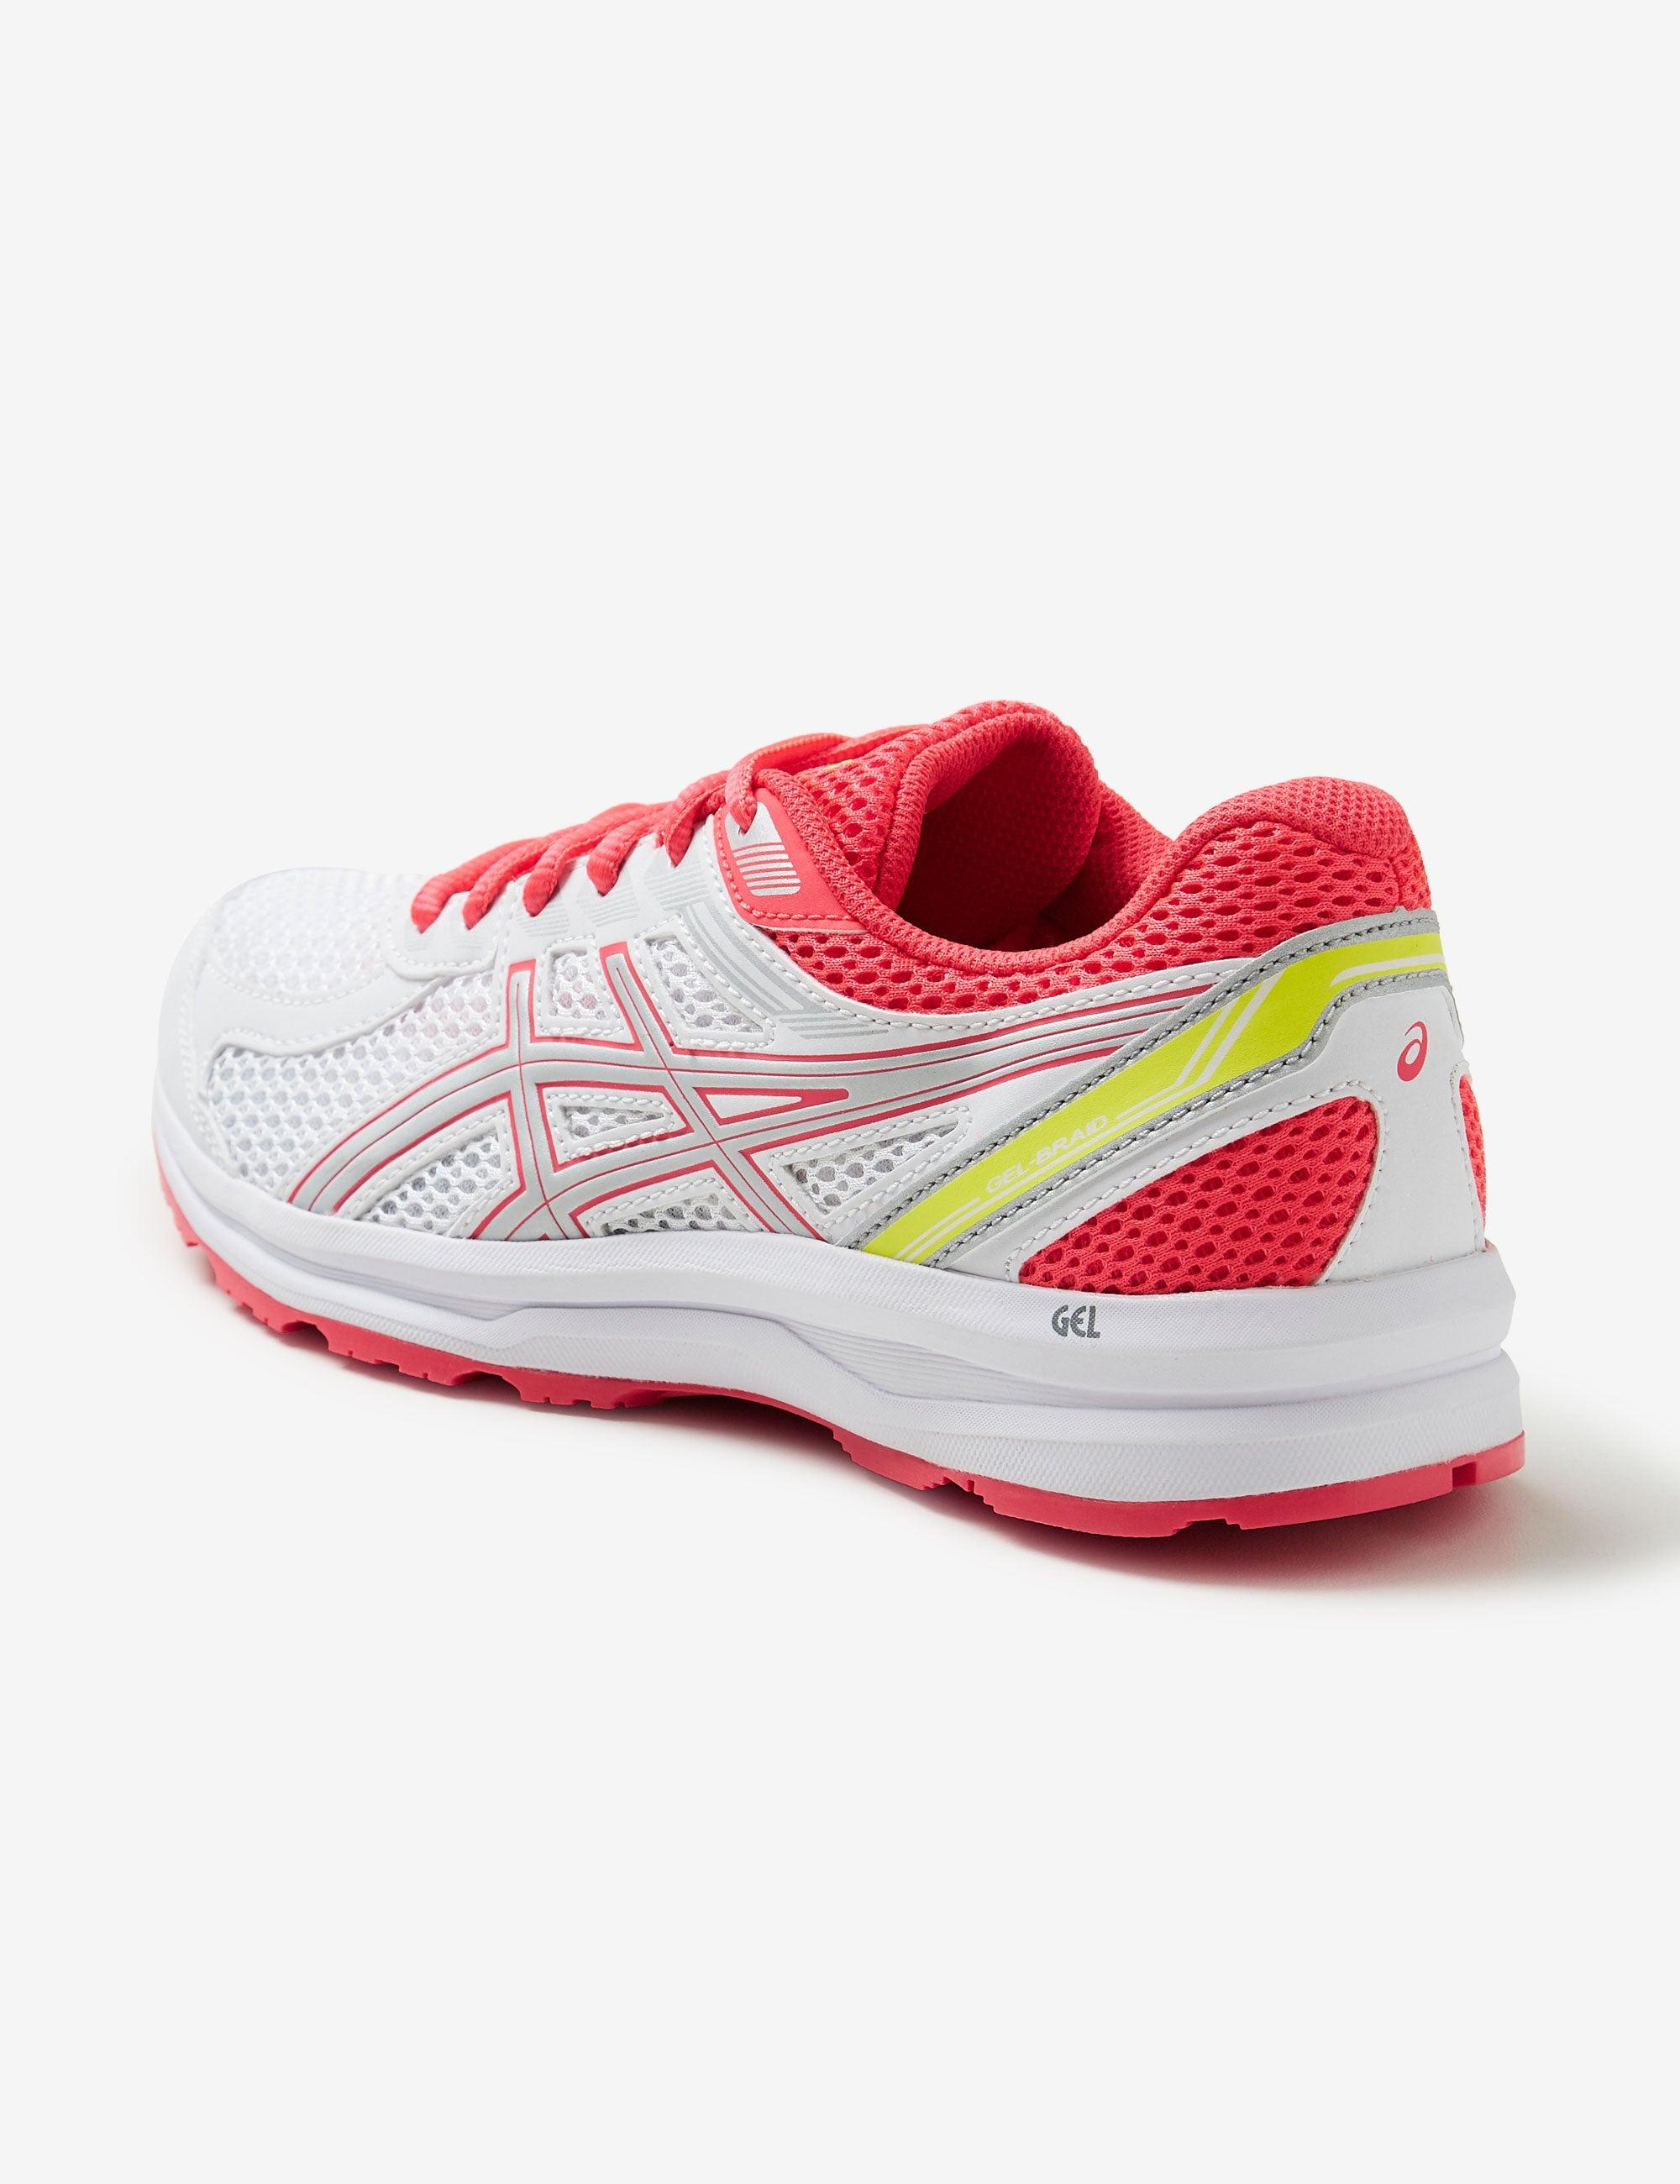 Asics Gel Braid Women's Sneaker